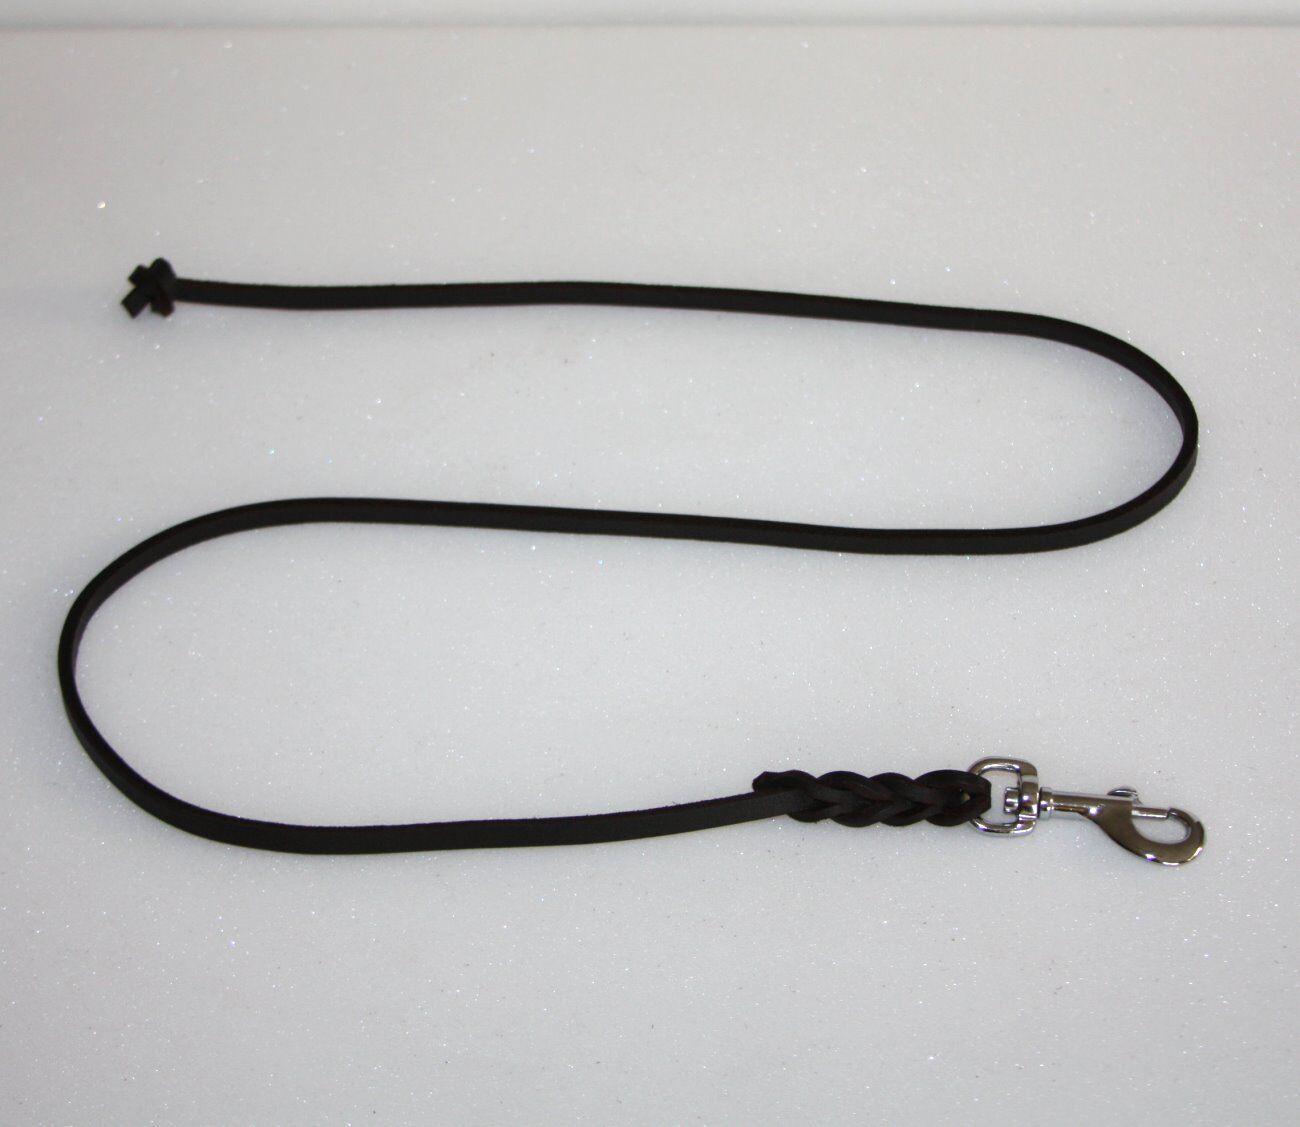 Lederleine aus Fettleder - 15 mm mm mm - Arbeitsleine Suchleine Schleppleine NEU  | Sale Deutschland  2a47a3